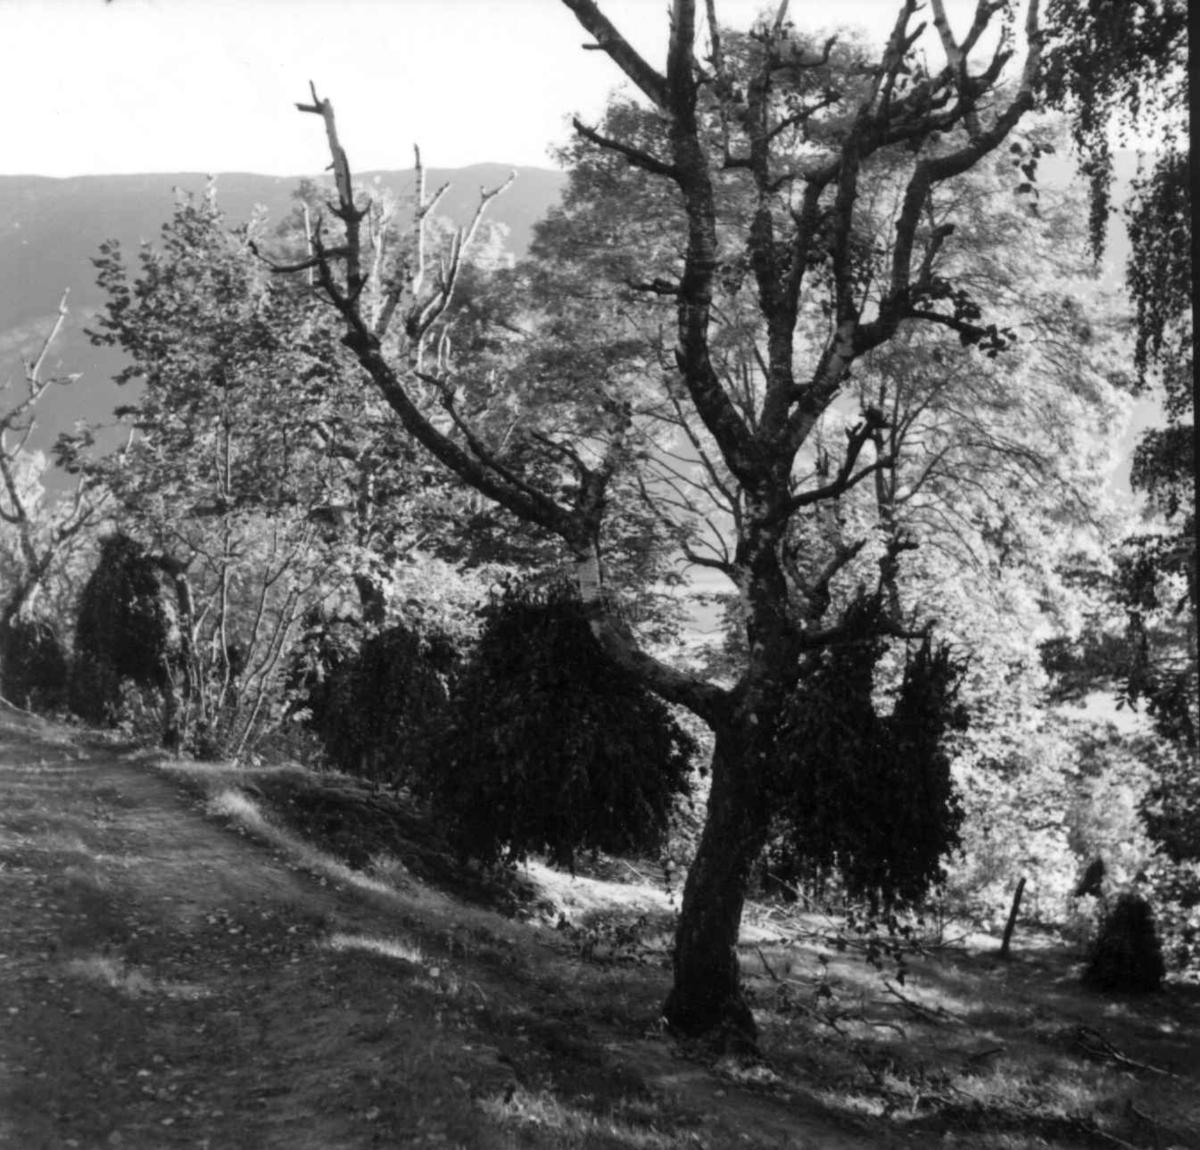 Lauving av bjørk. Ornes, Hafslo, Sogn og Fjordane 1961.